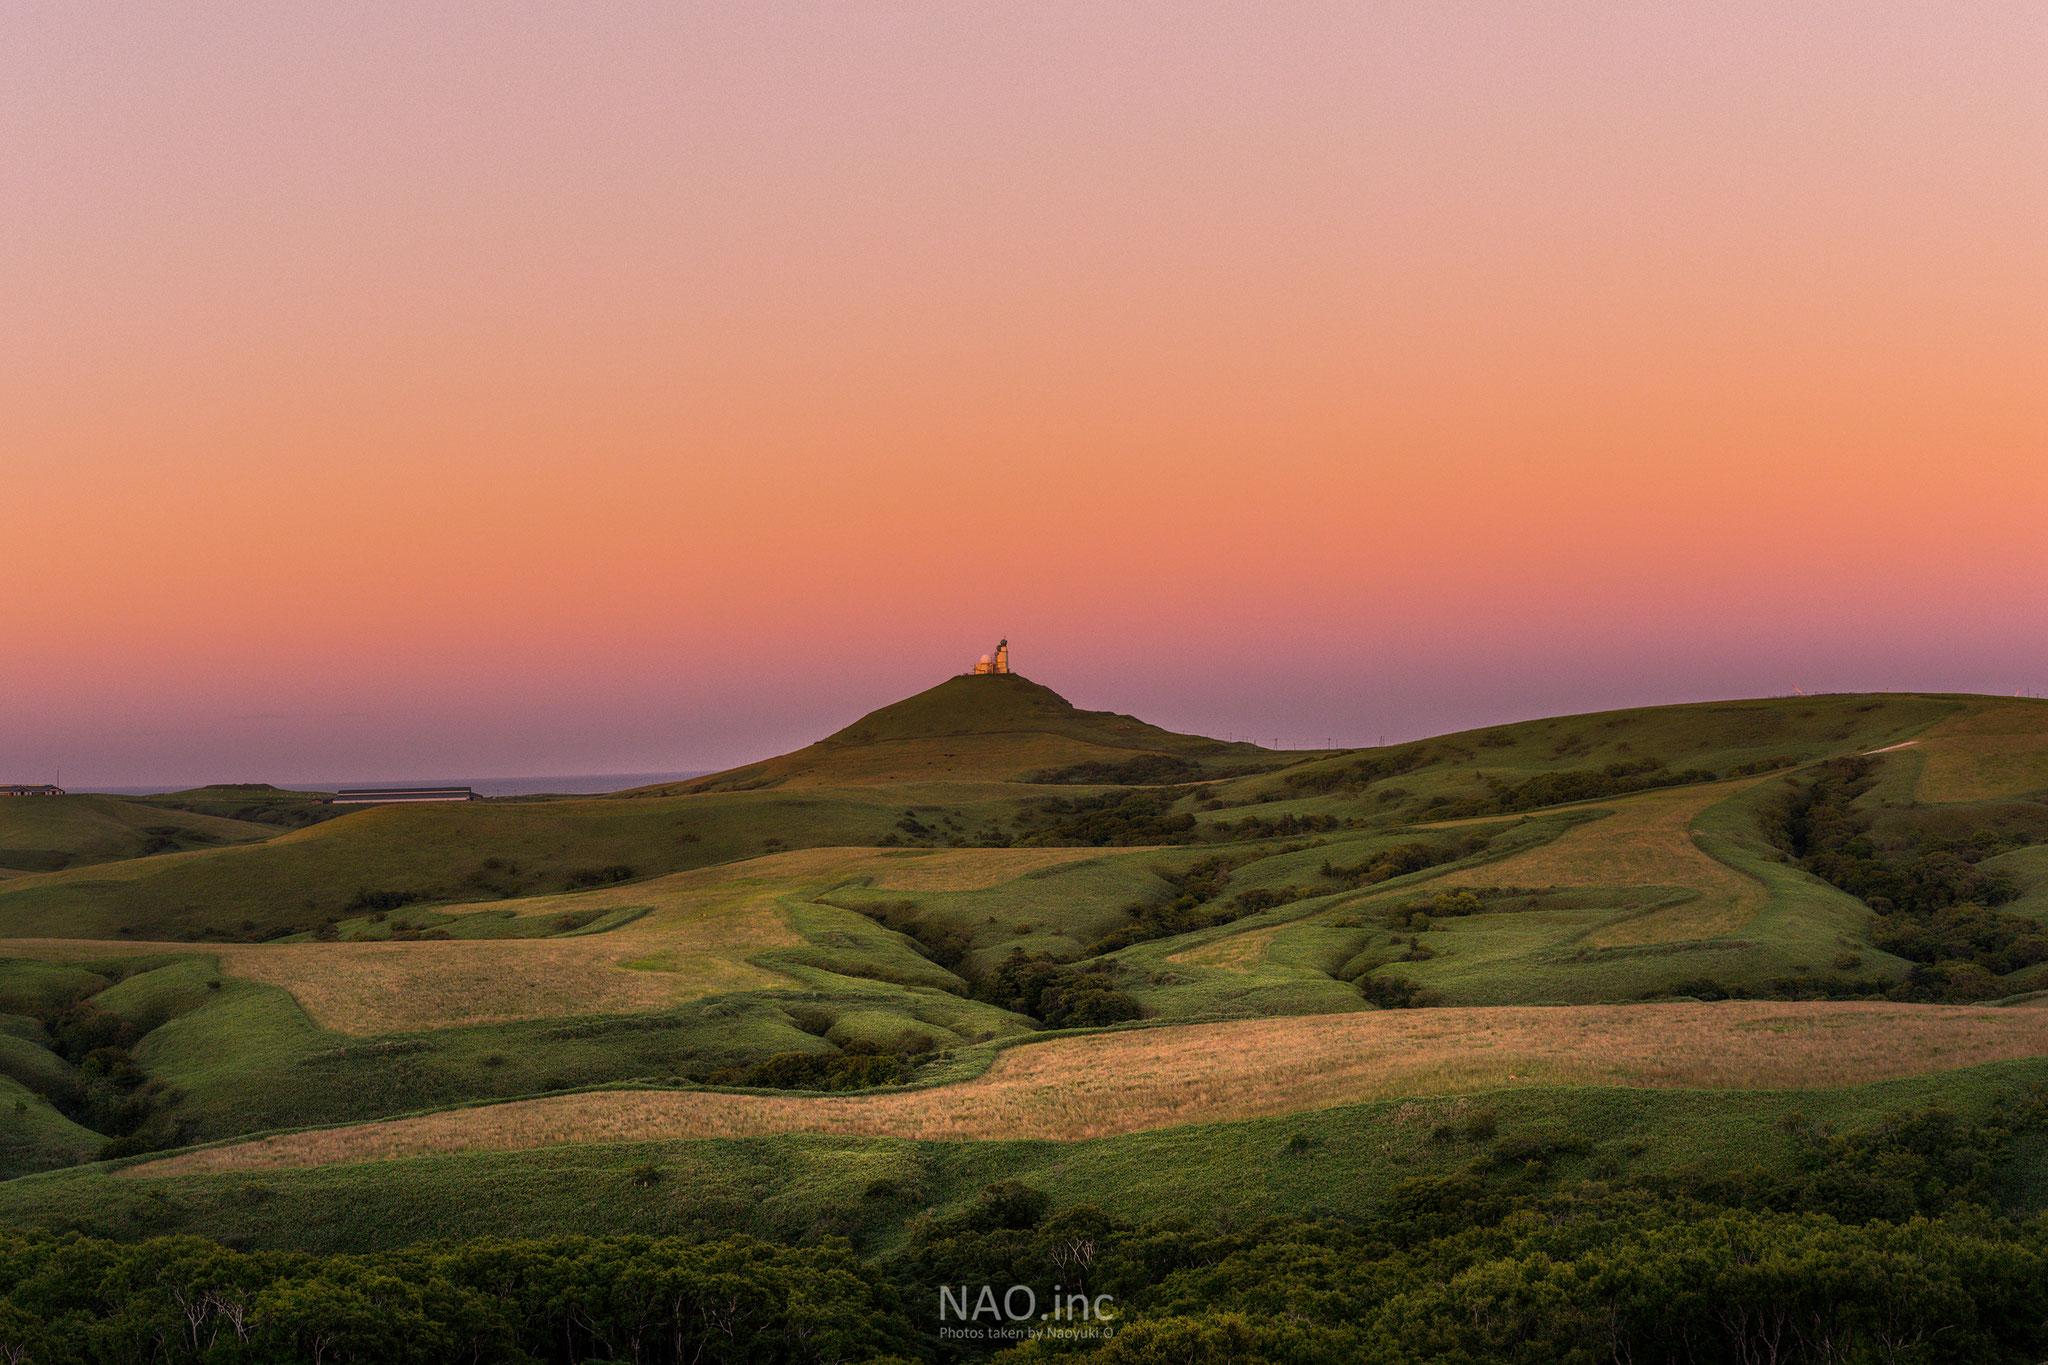 稚内市宗谷丘陵。日本最北端の夕日を広大な草原が受け止める。